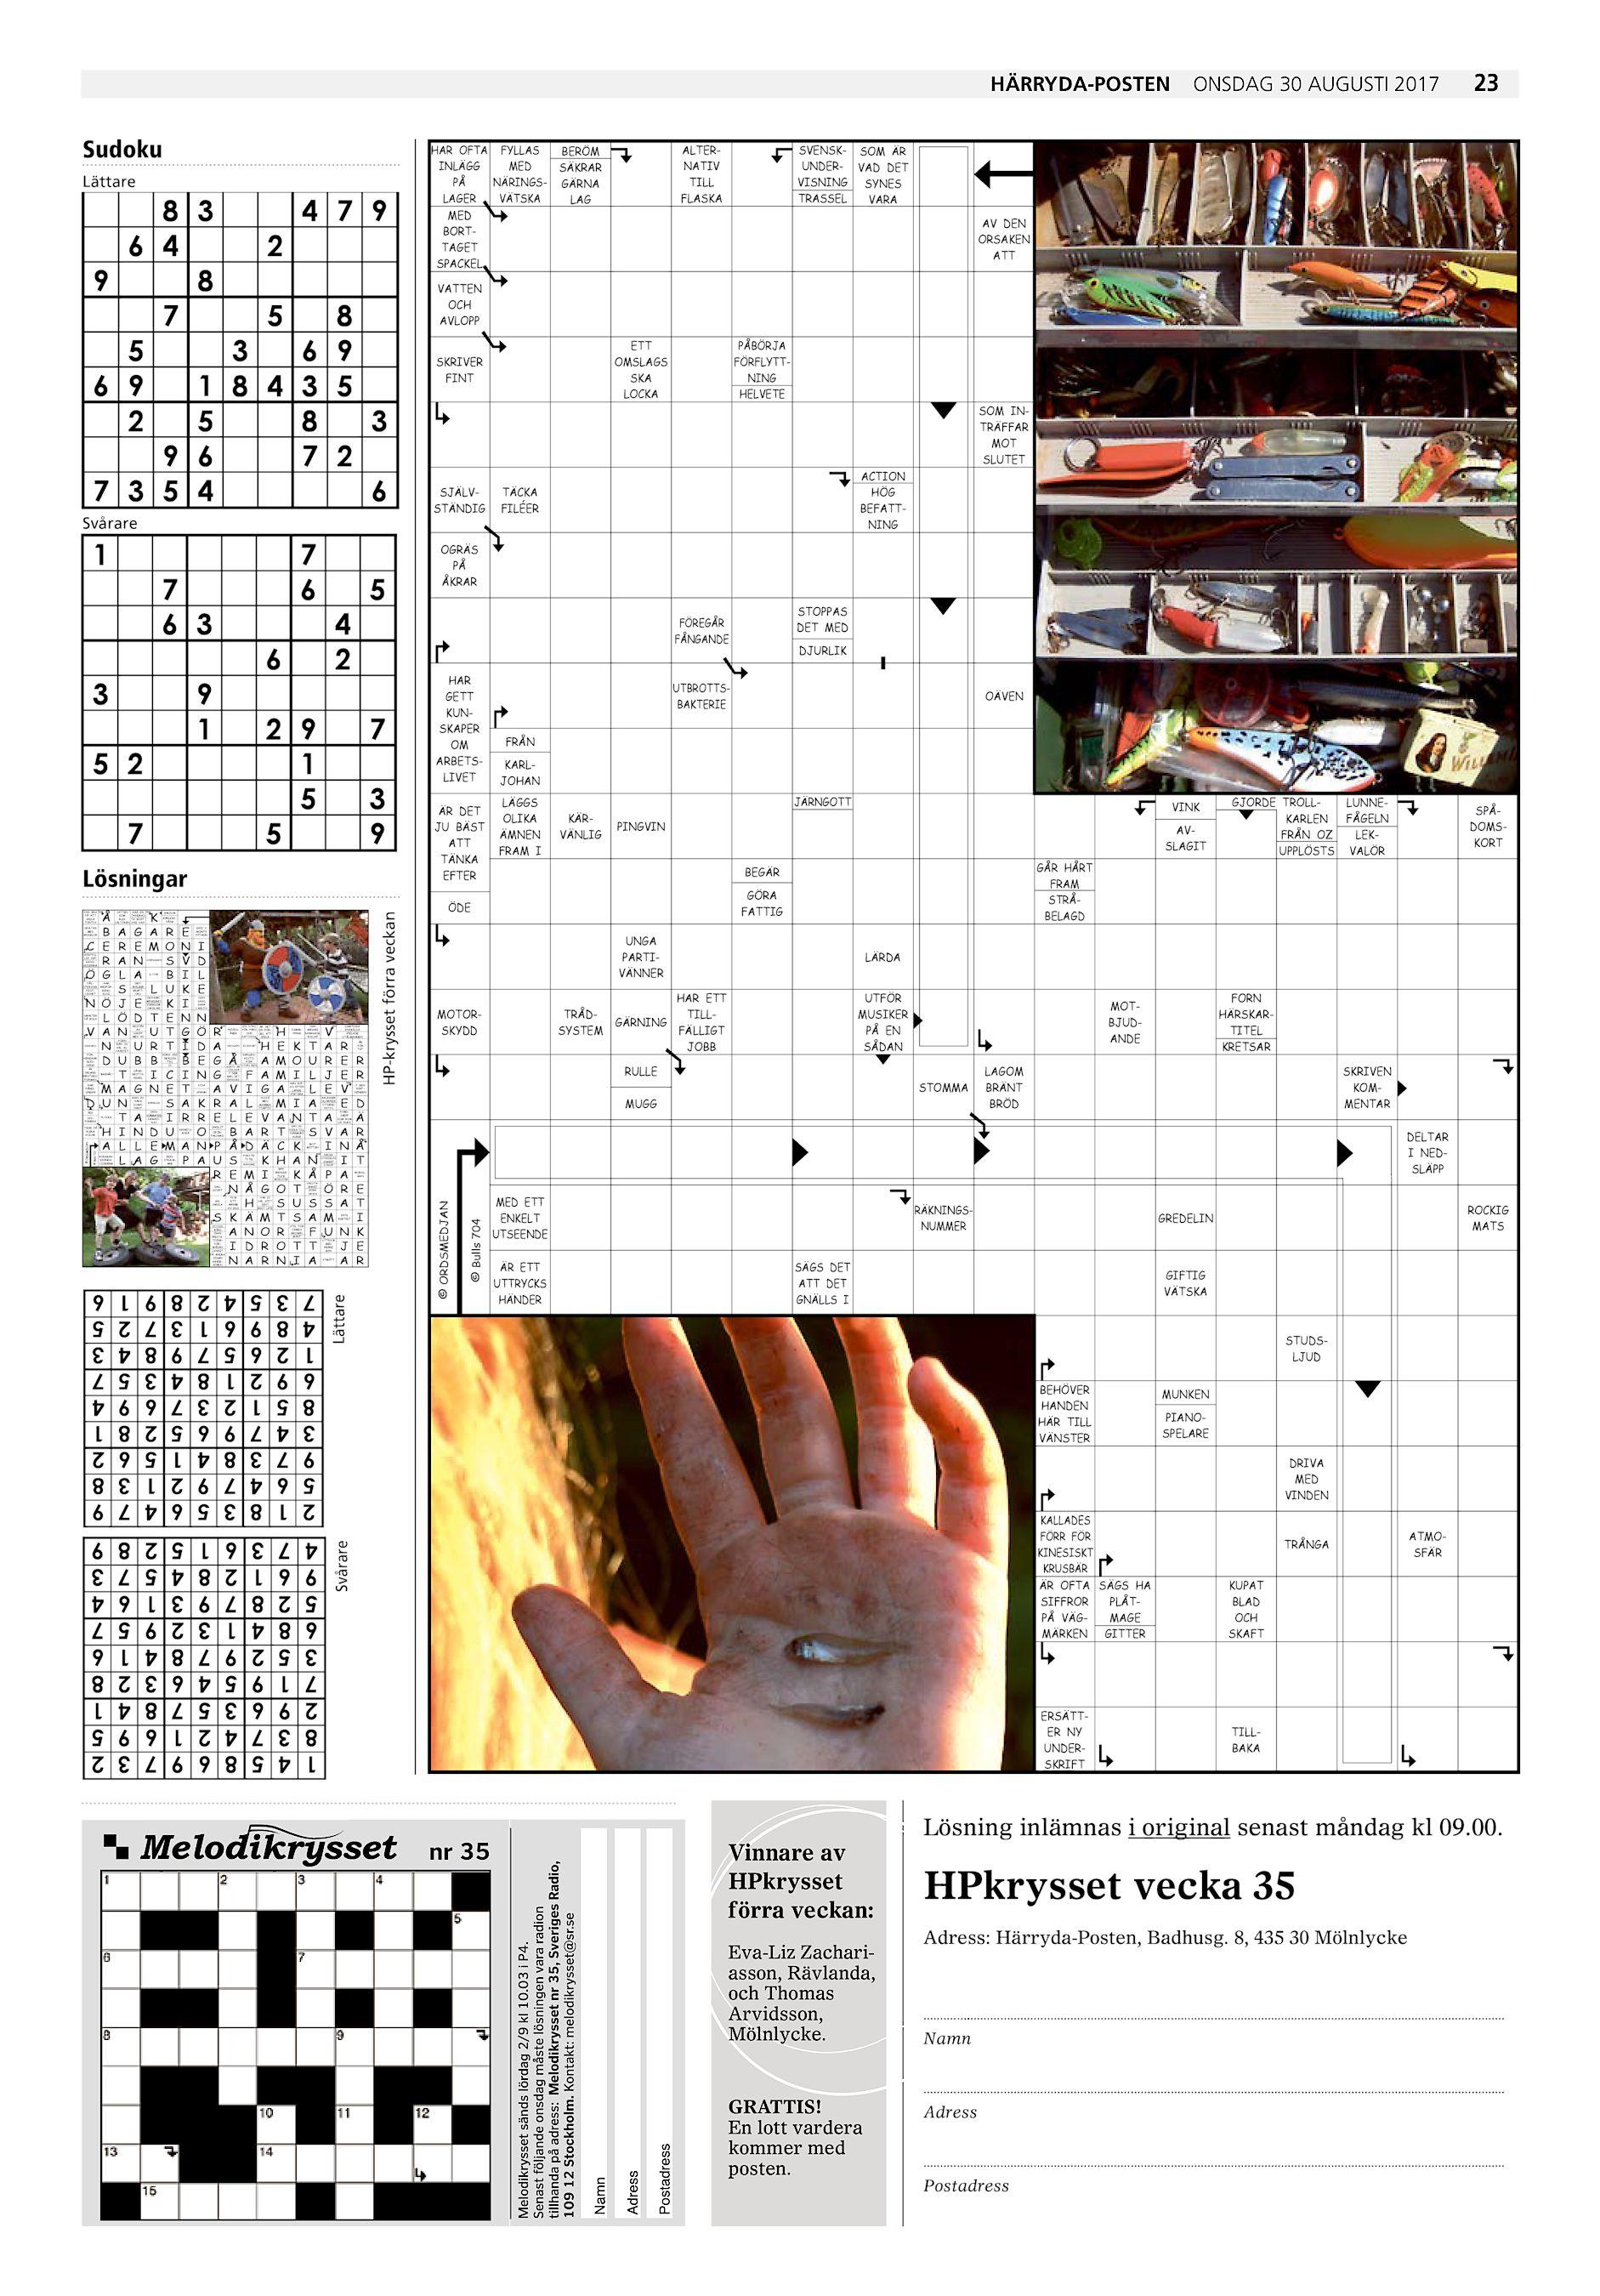 Härryda-Posten Sudoku Lättare 8 3 4 7 9 6 4 2 9 8 7 5 8 5 3 6 9 6 9 1 8 4 3  5 2 5 8 3 9 ... 621619f07df2e